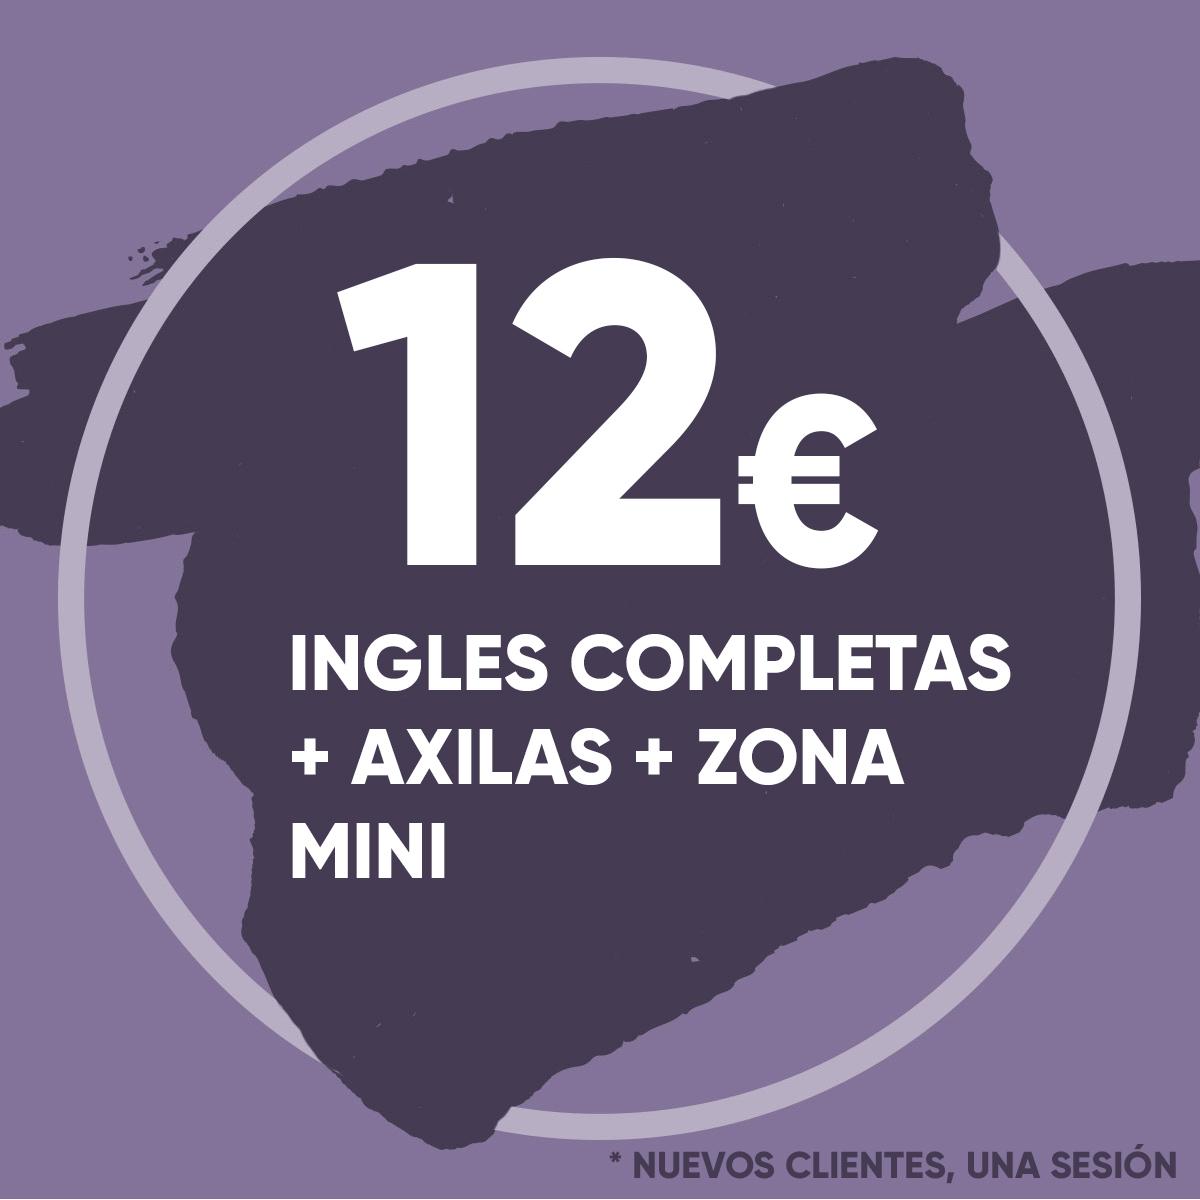 Depilación Láser Ingles Completas, Axilas y Zona Mini